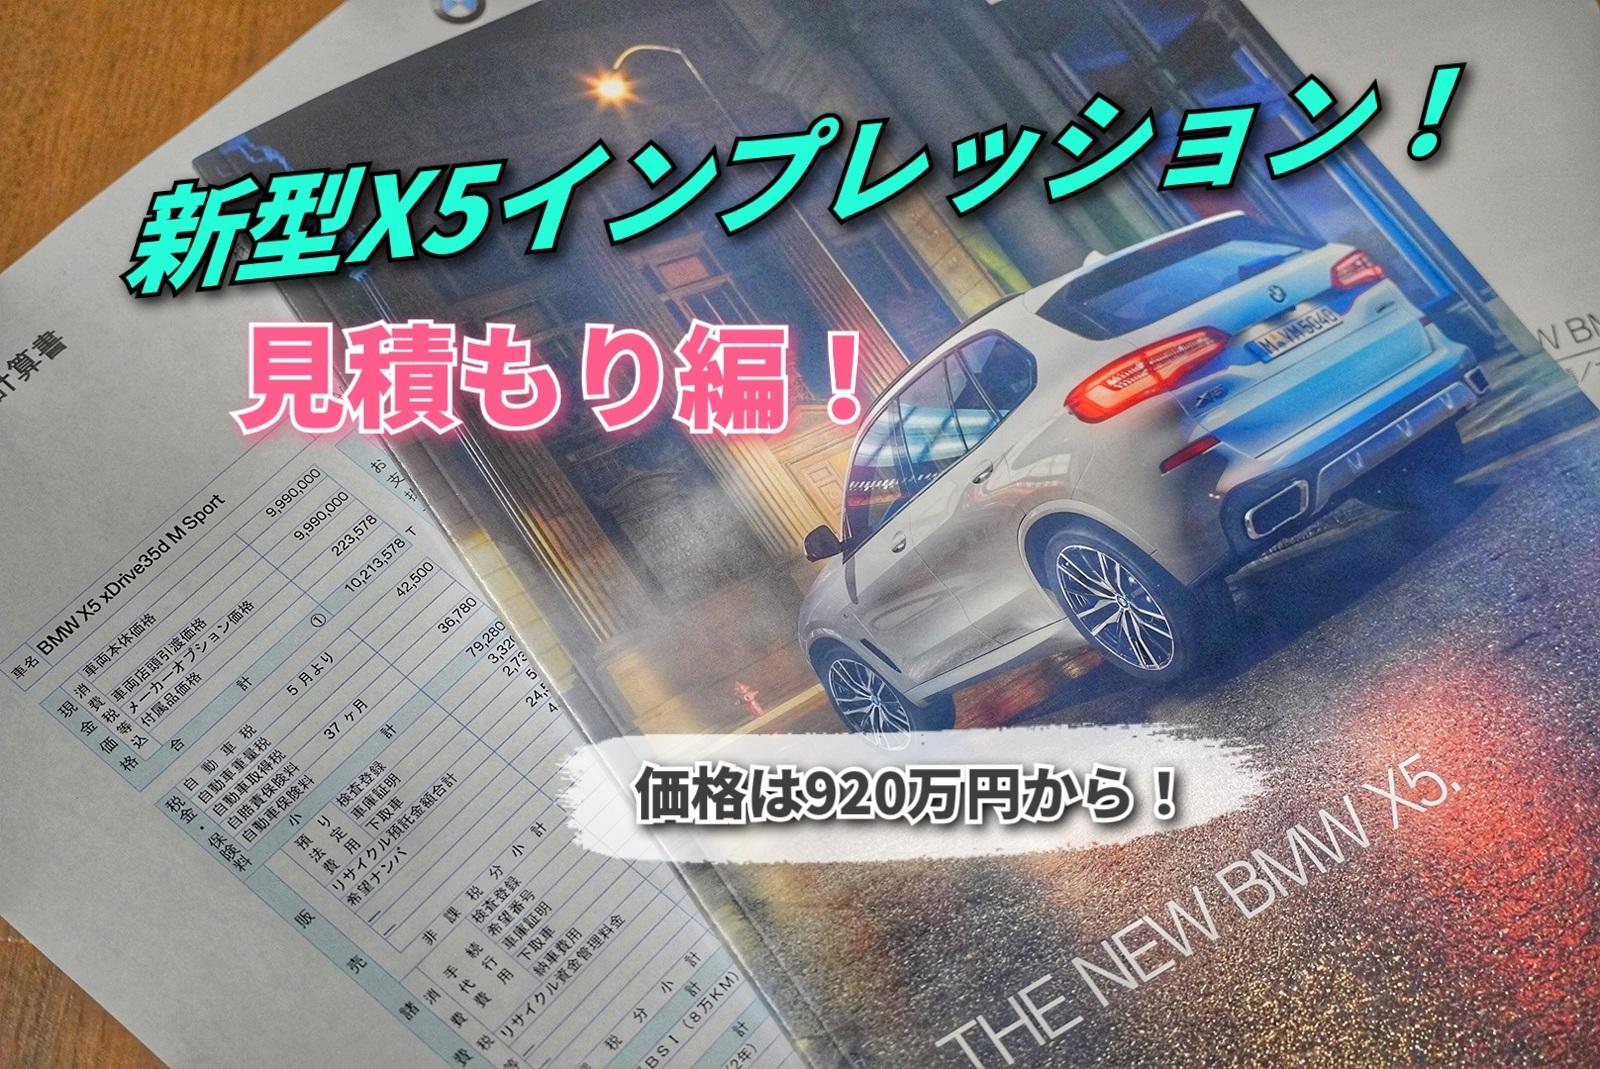 元警現消ブログ【価格は920万円から!】見積もり編!新型X5インプレッション!①